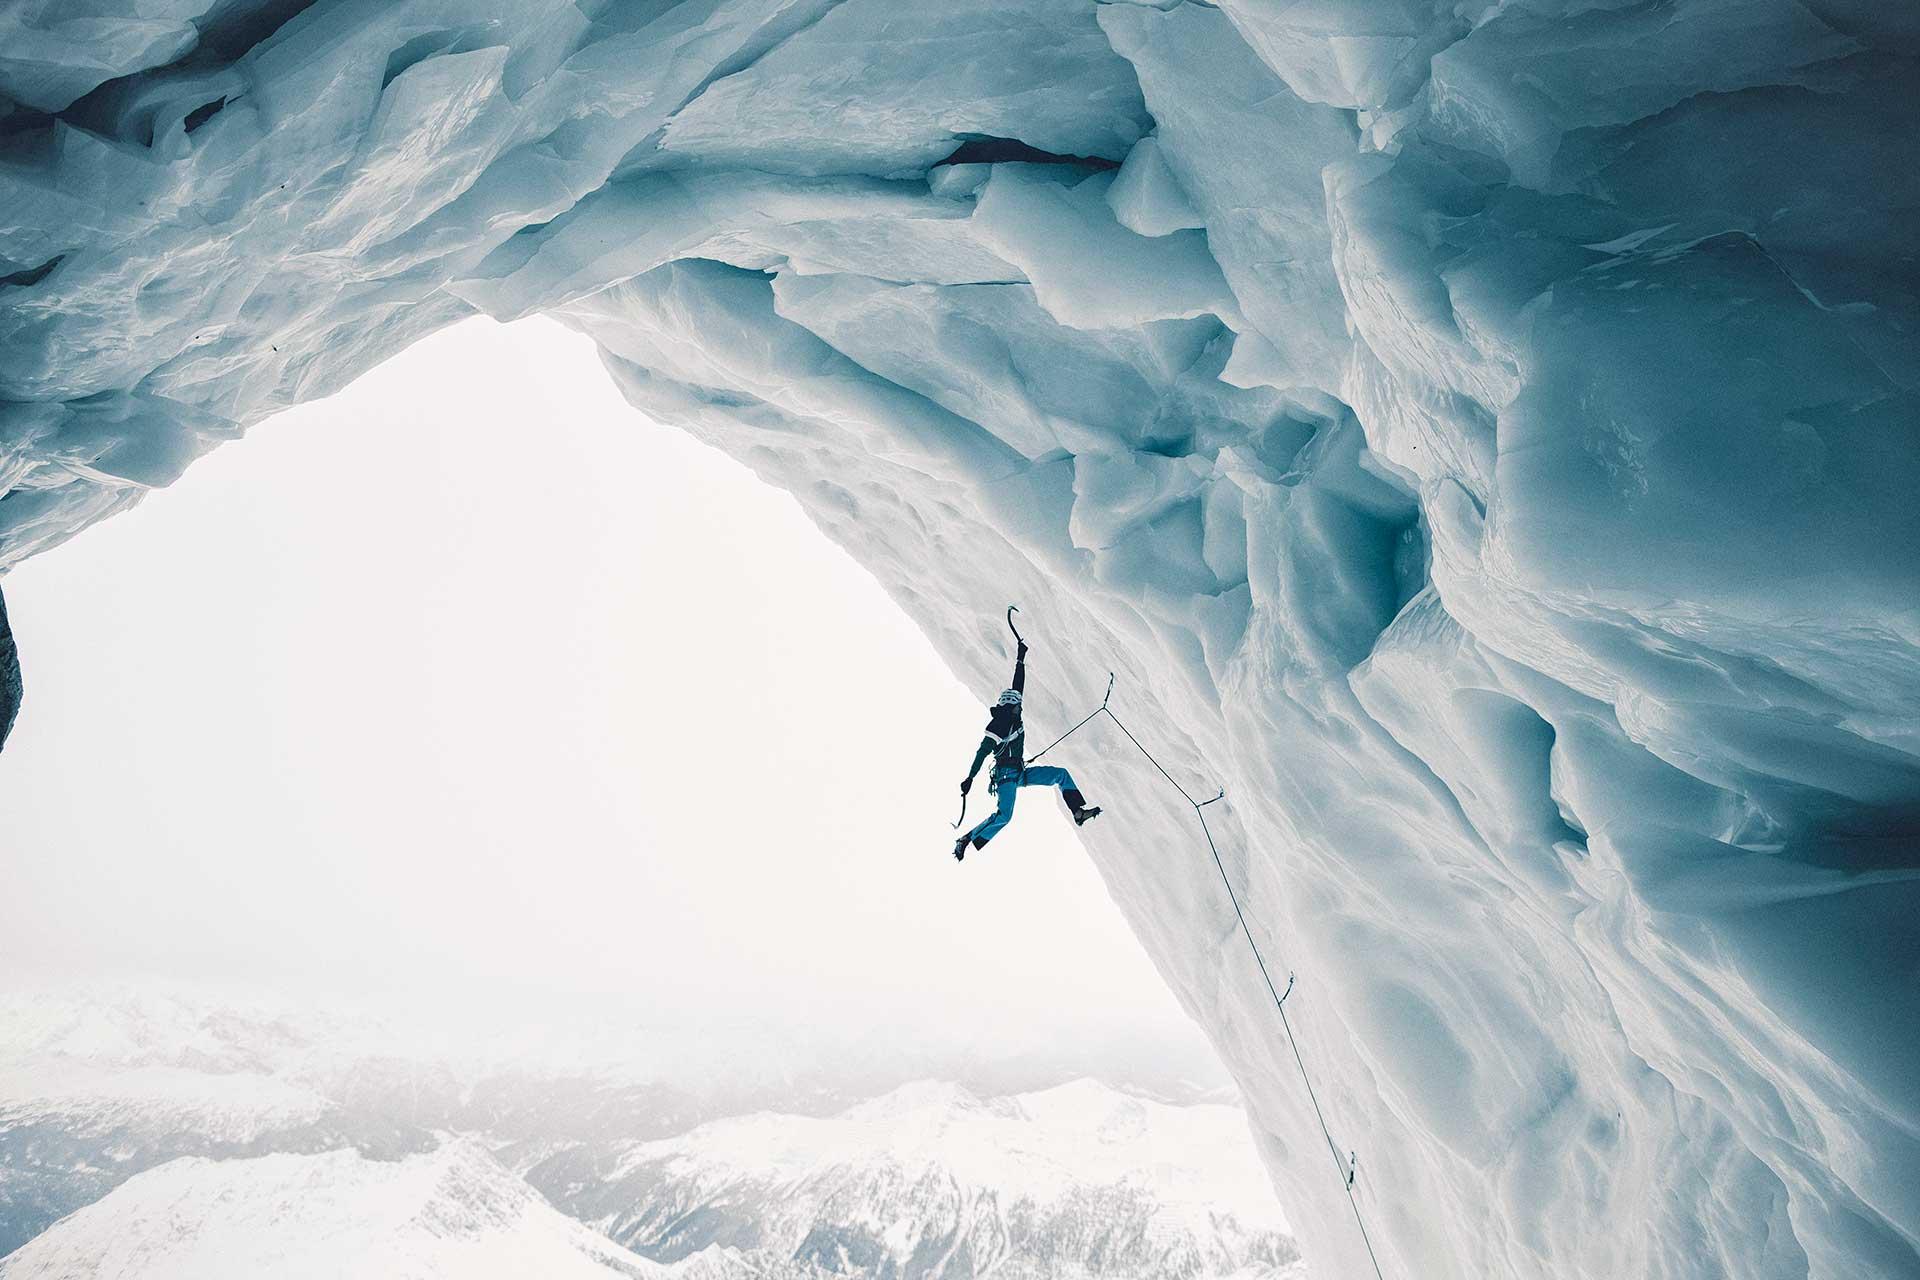 Eisklettern Extremsport Fotograf Landschaft Michael Müller Berge Eis München